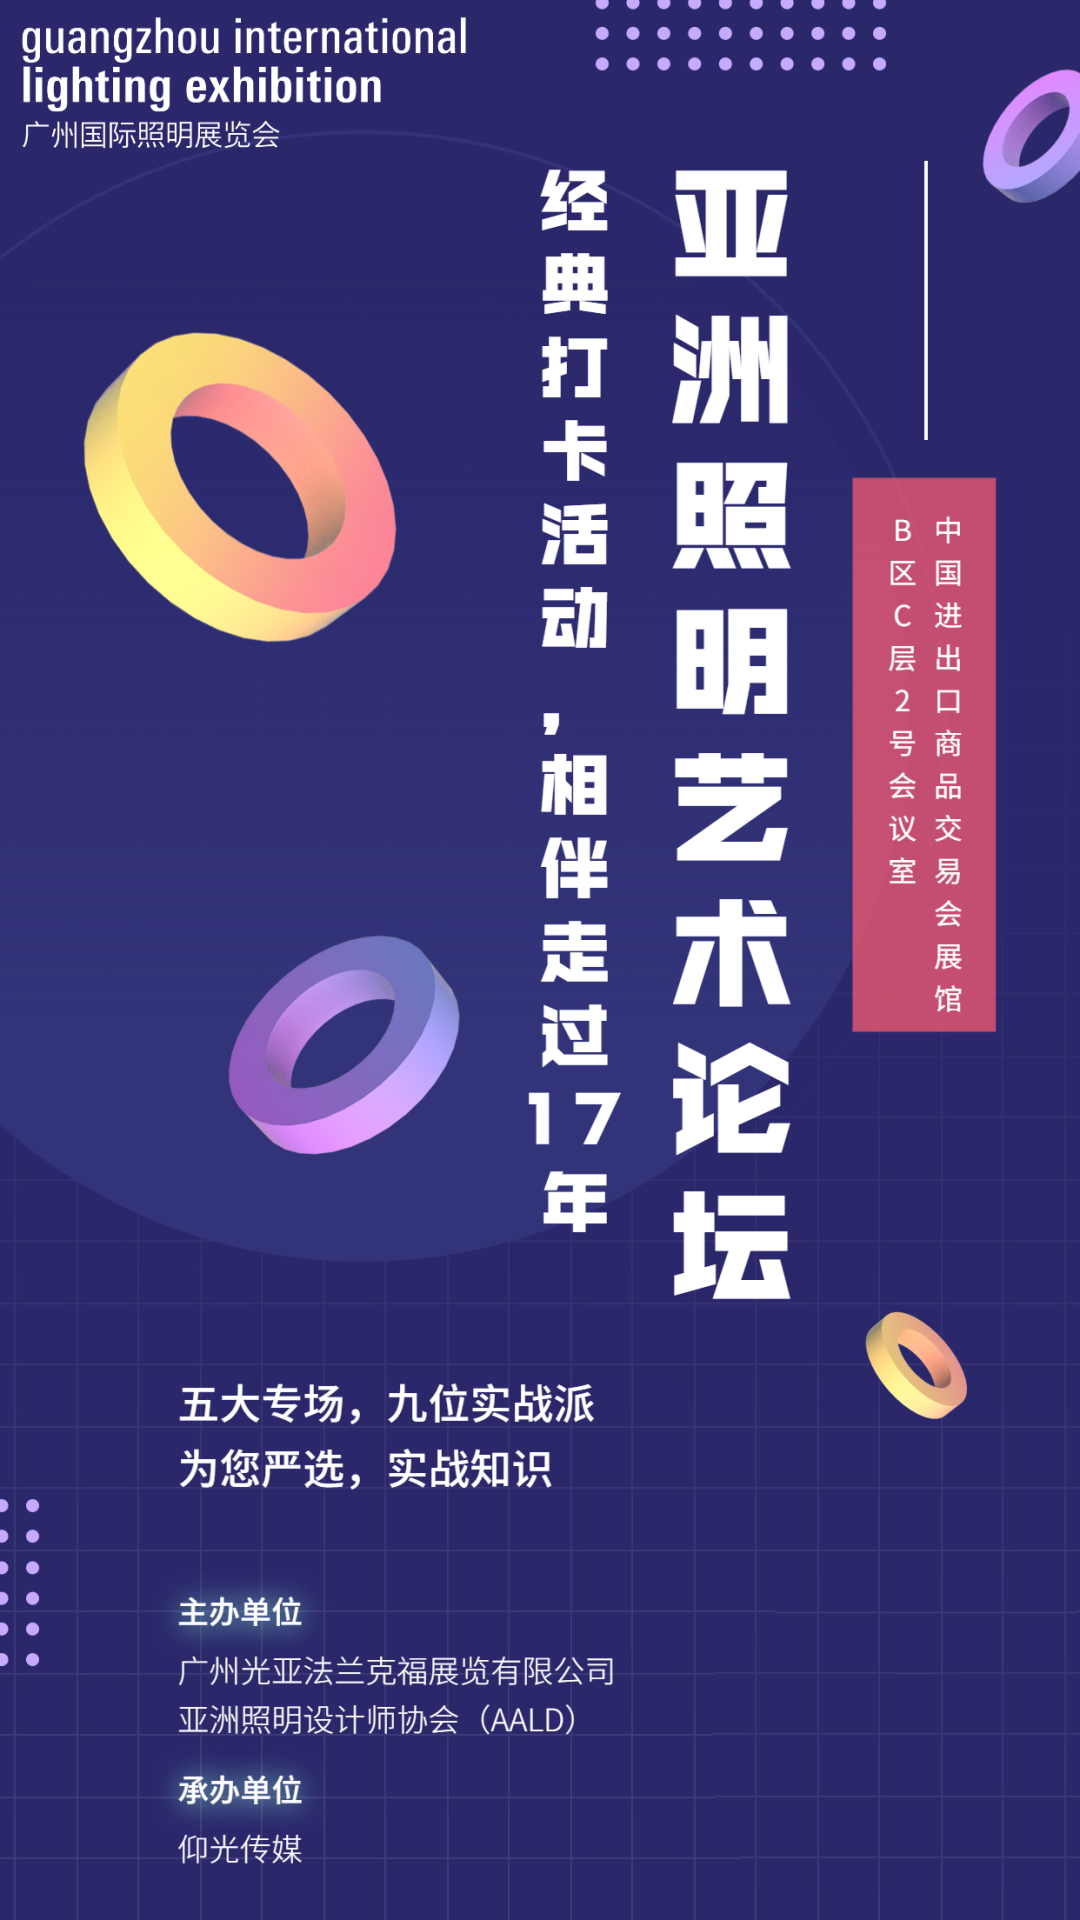 6月9-10日 | 亚洲照明艺术论坛:五大专场,九位实战派